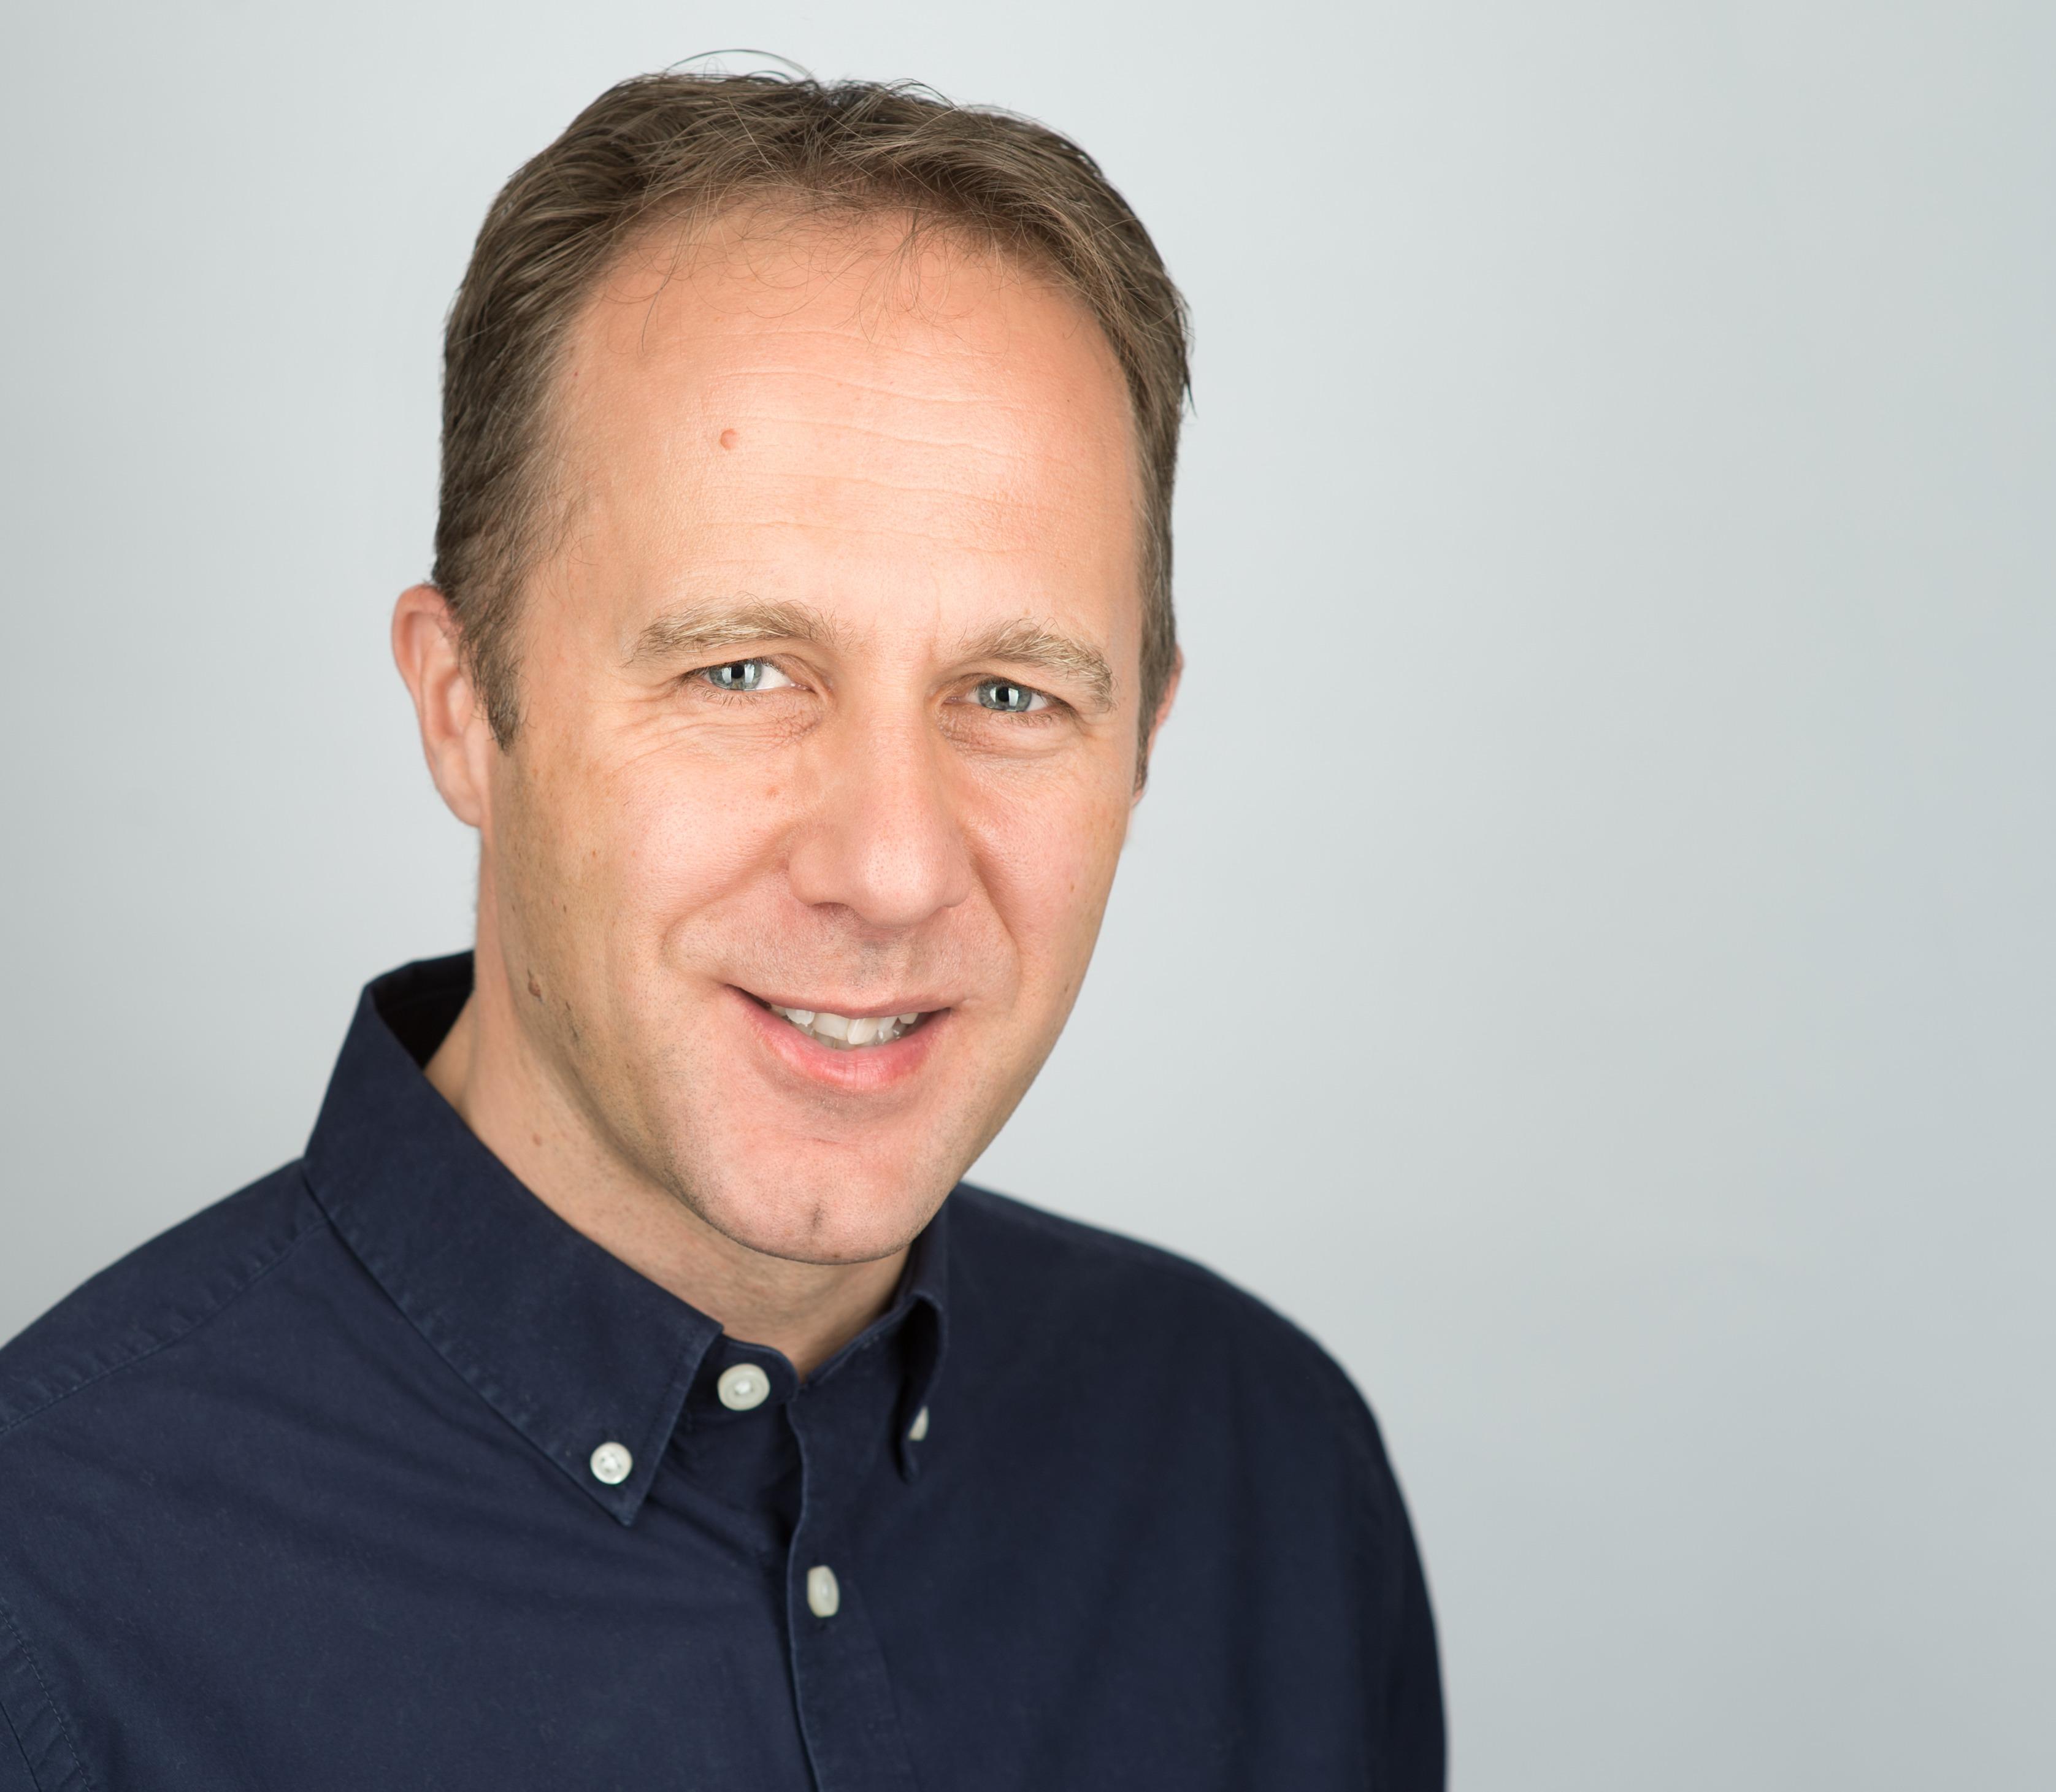 Microsoft - Adrian Lovett - Headshot